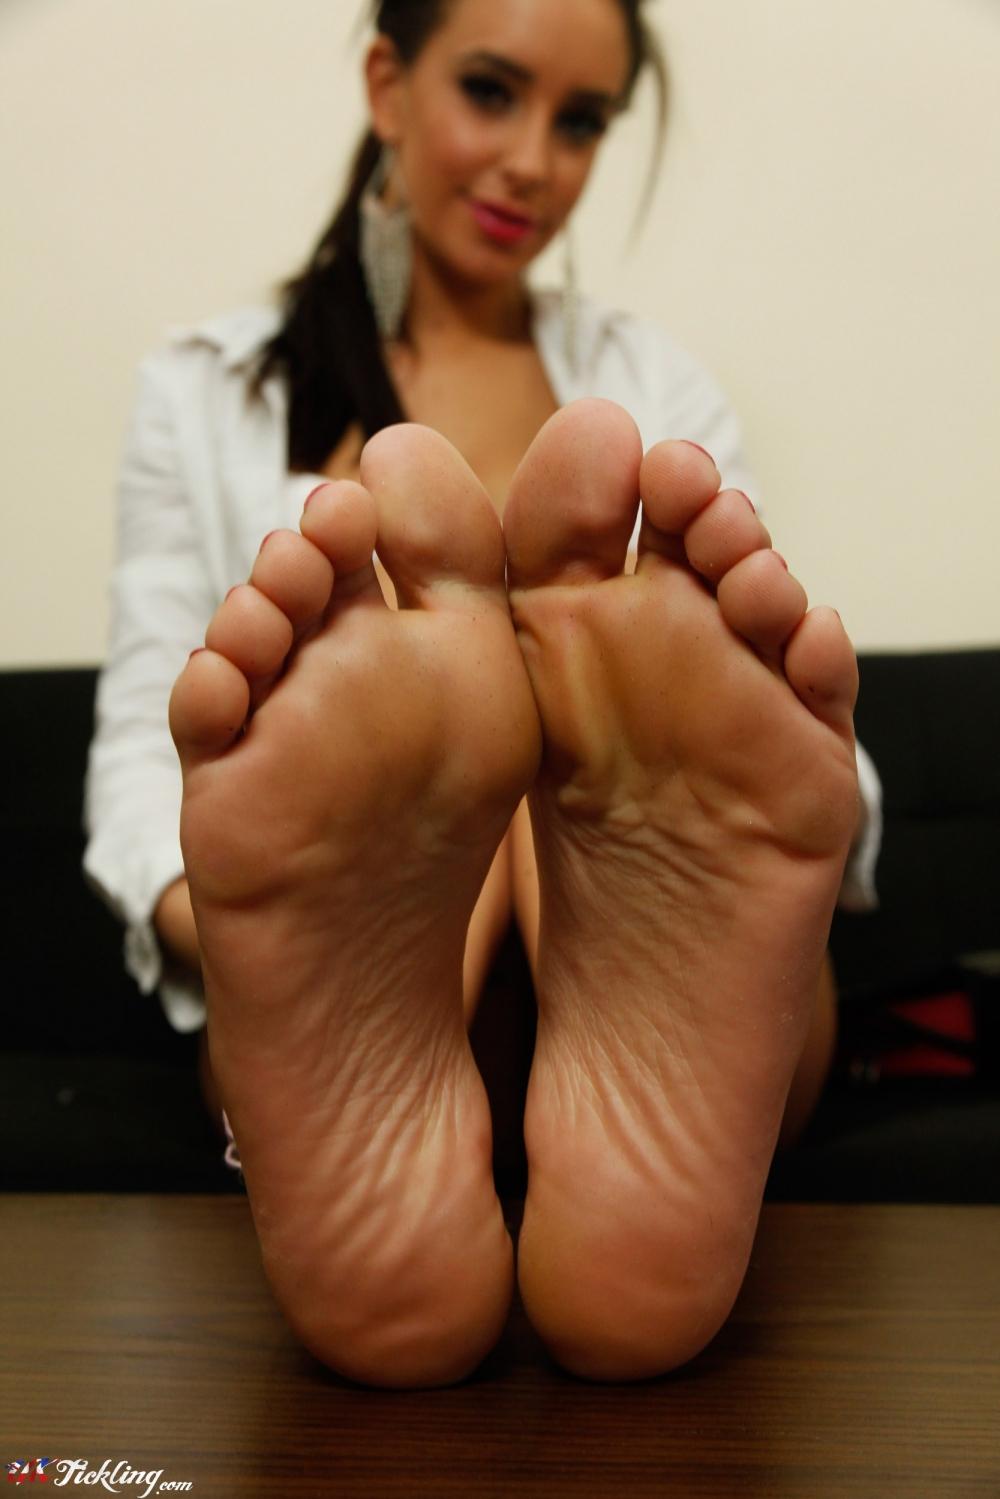 emma lovett feet